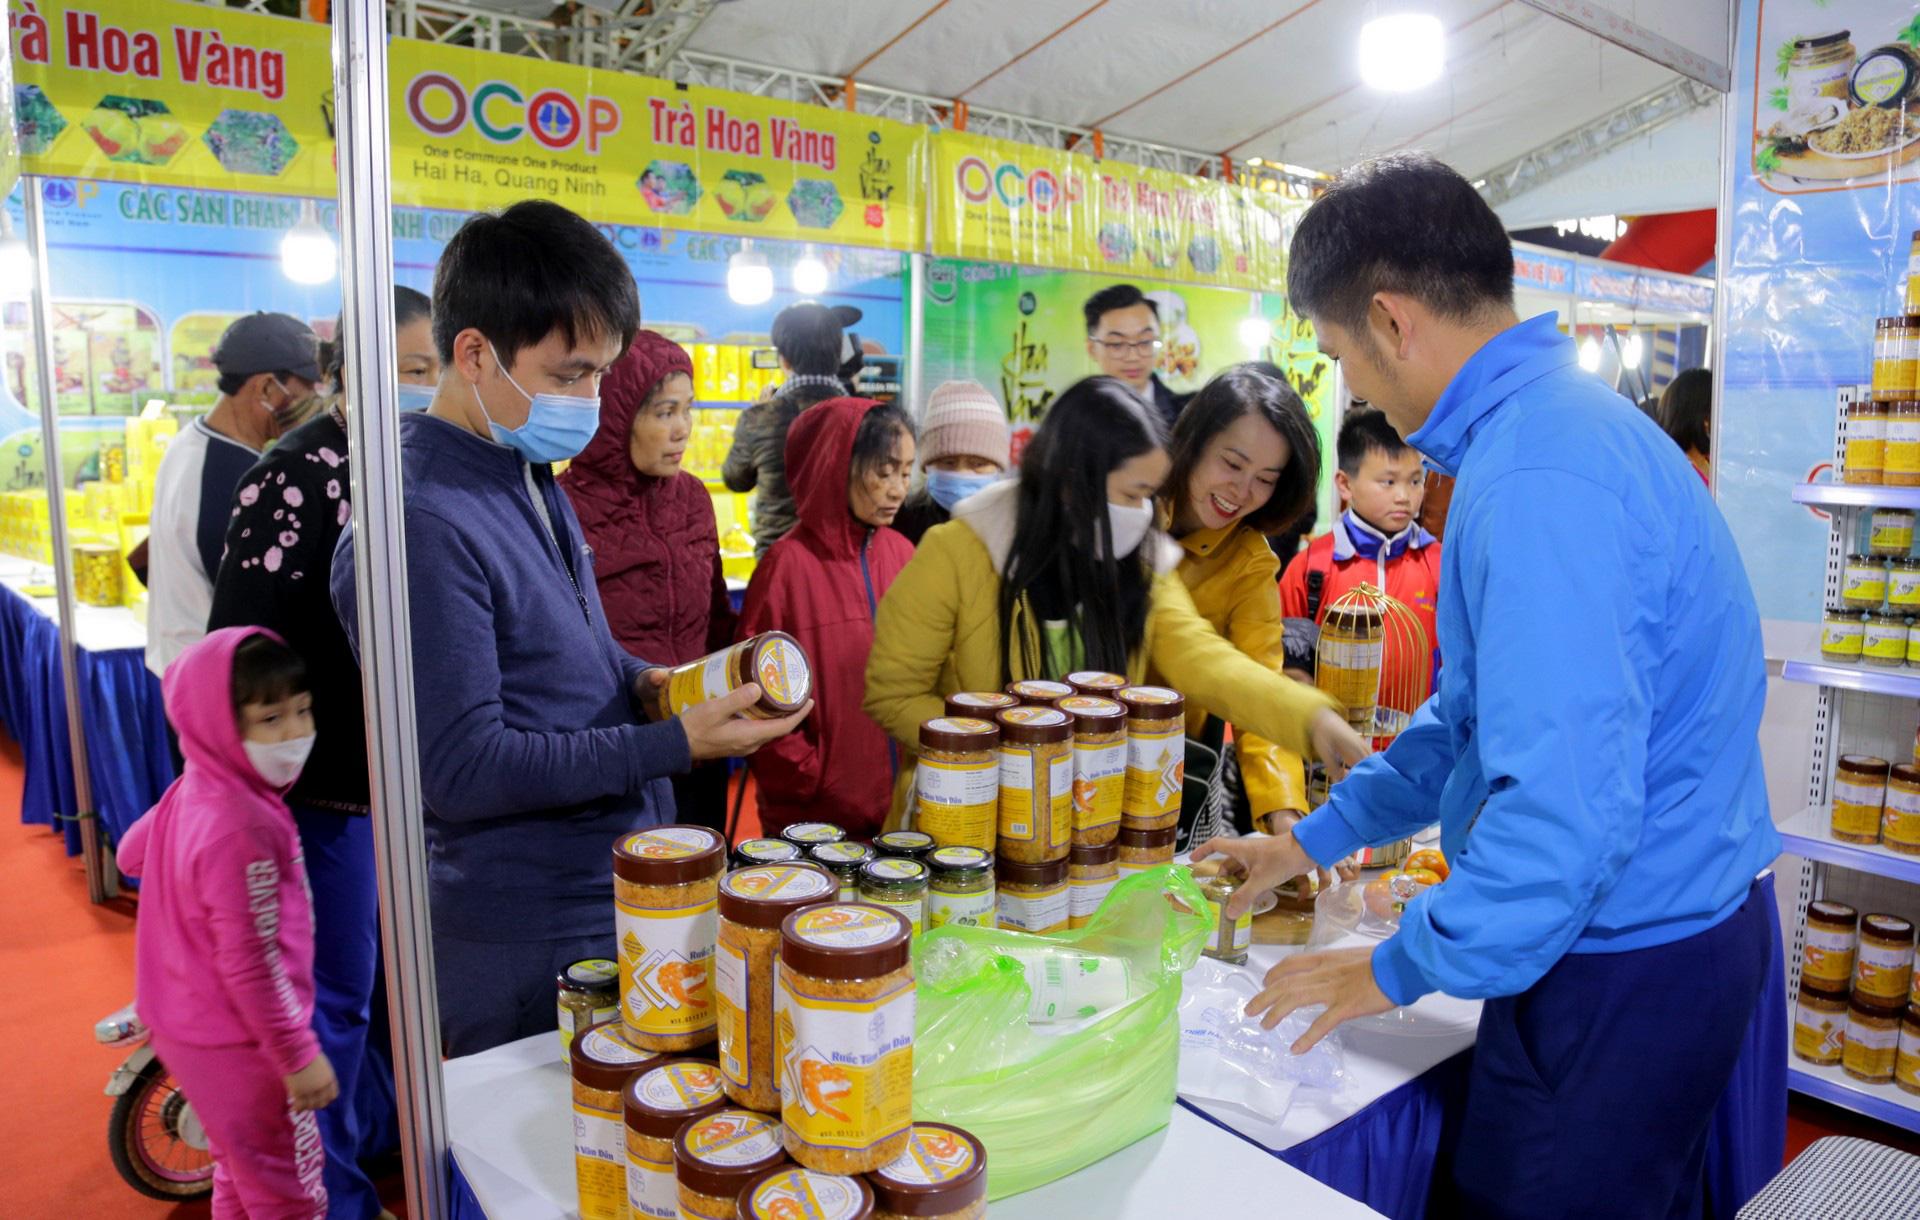 Hàng trăm đặc sản Quảng Ninh bày bán ở Hà Nội, có nước mắm sá sùng- nước mắm của loại hải sản đắt như vàng - Ảnh 1.